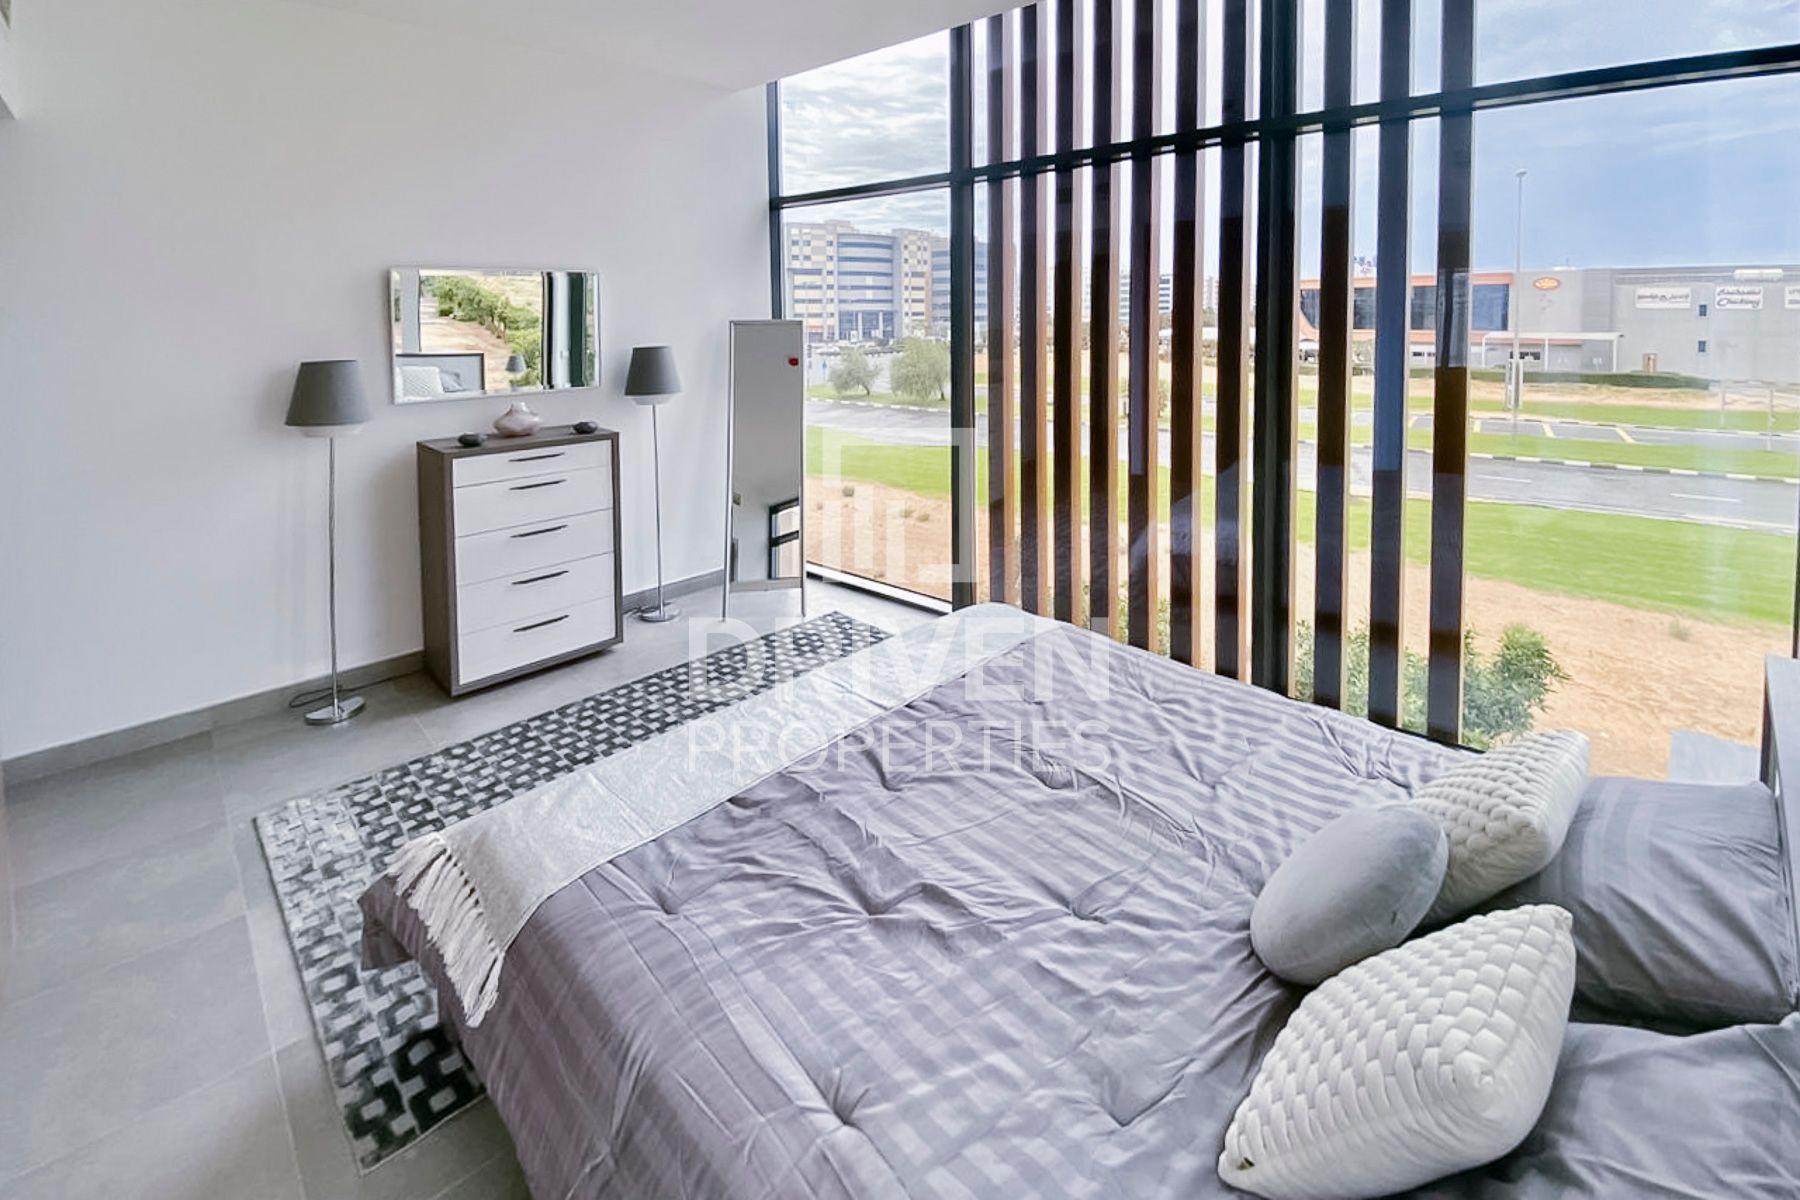 Residential Building for Sale in Ewan Residence 1 - Dubai Investment Park